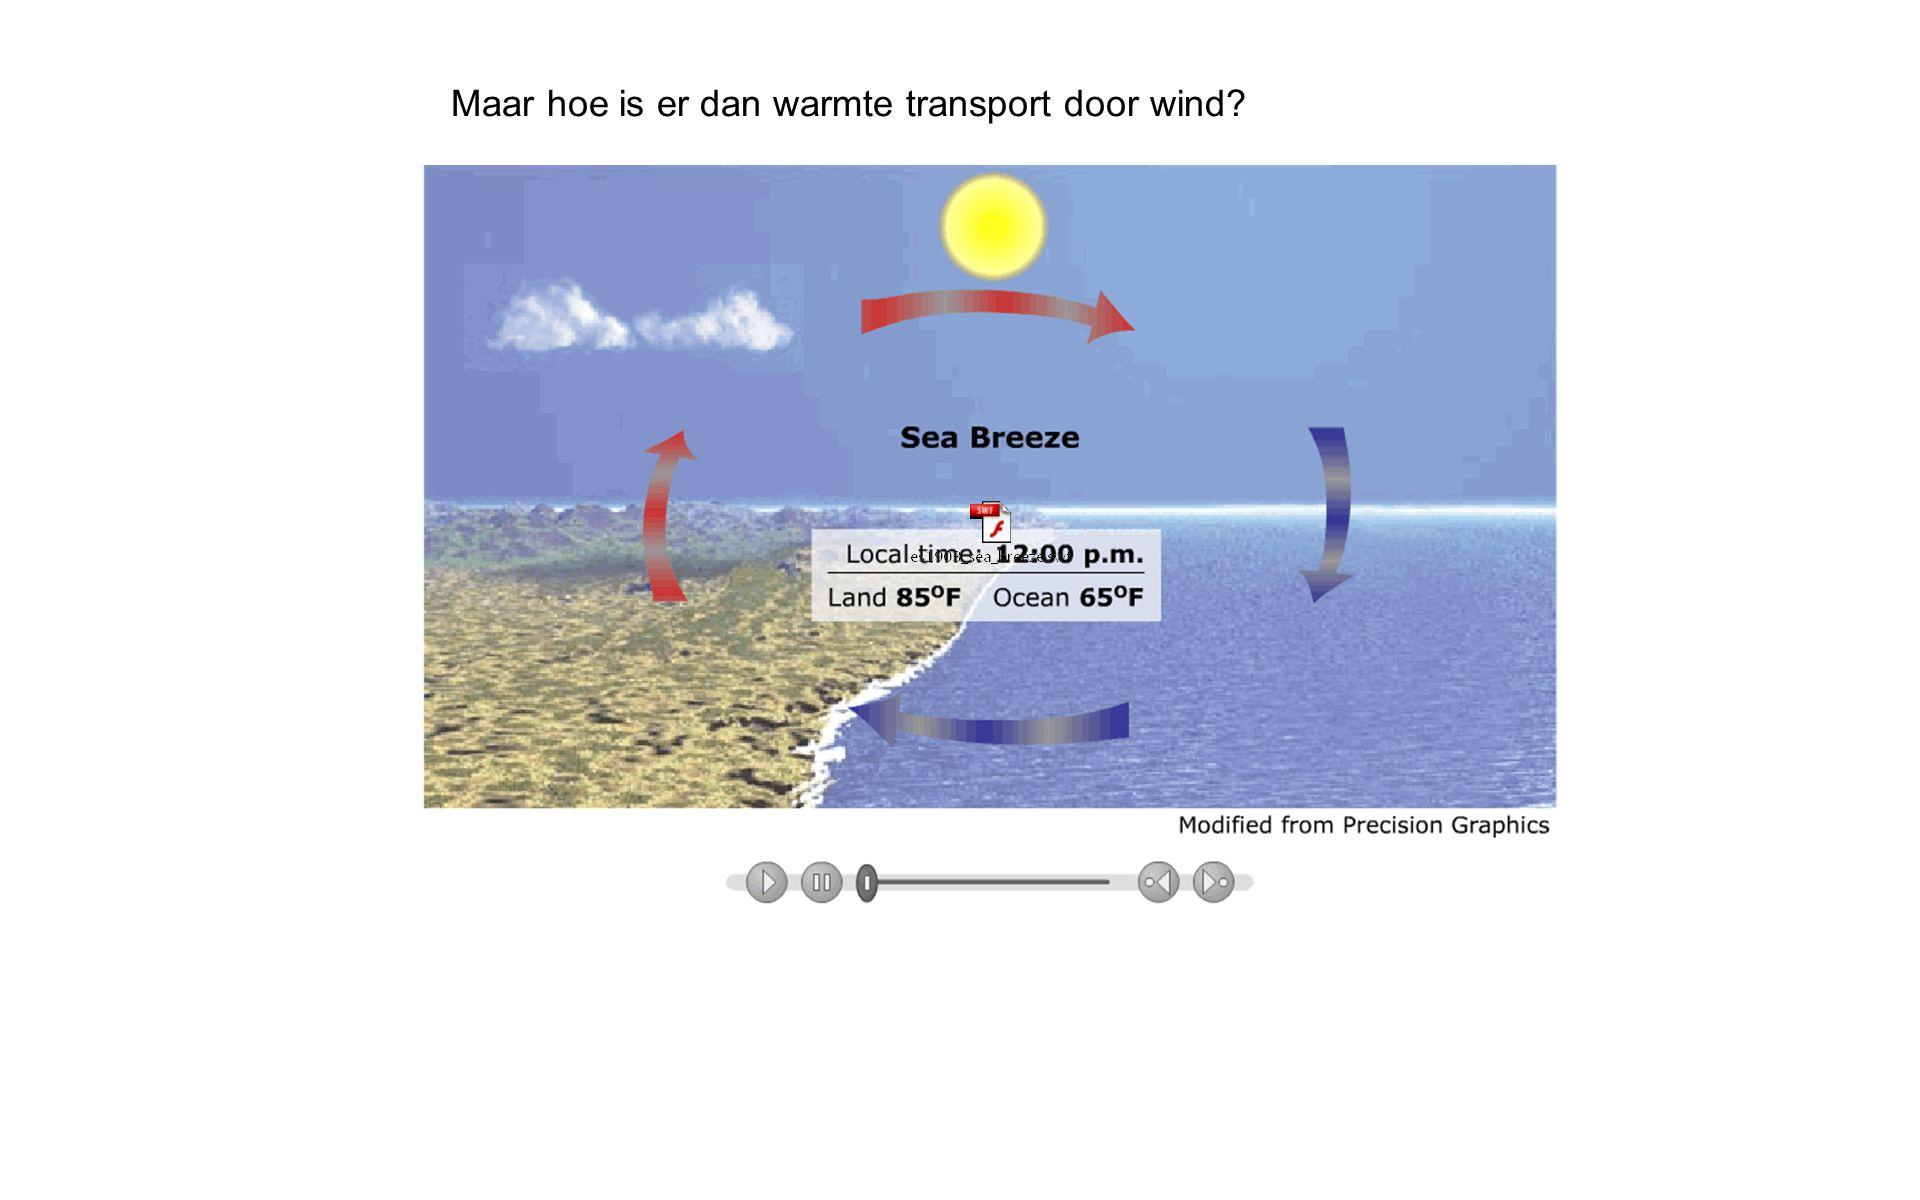 Maar hoe is er dan warmte transport door wind?